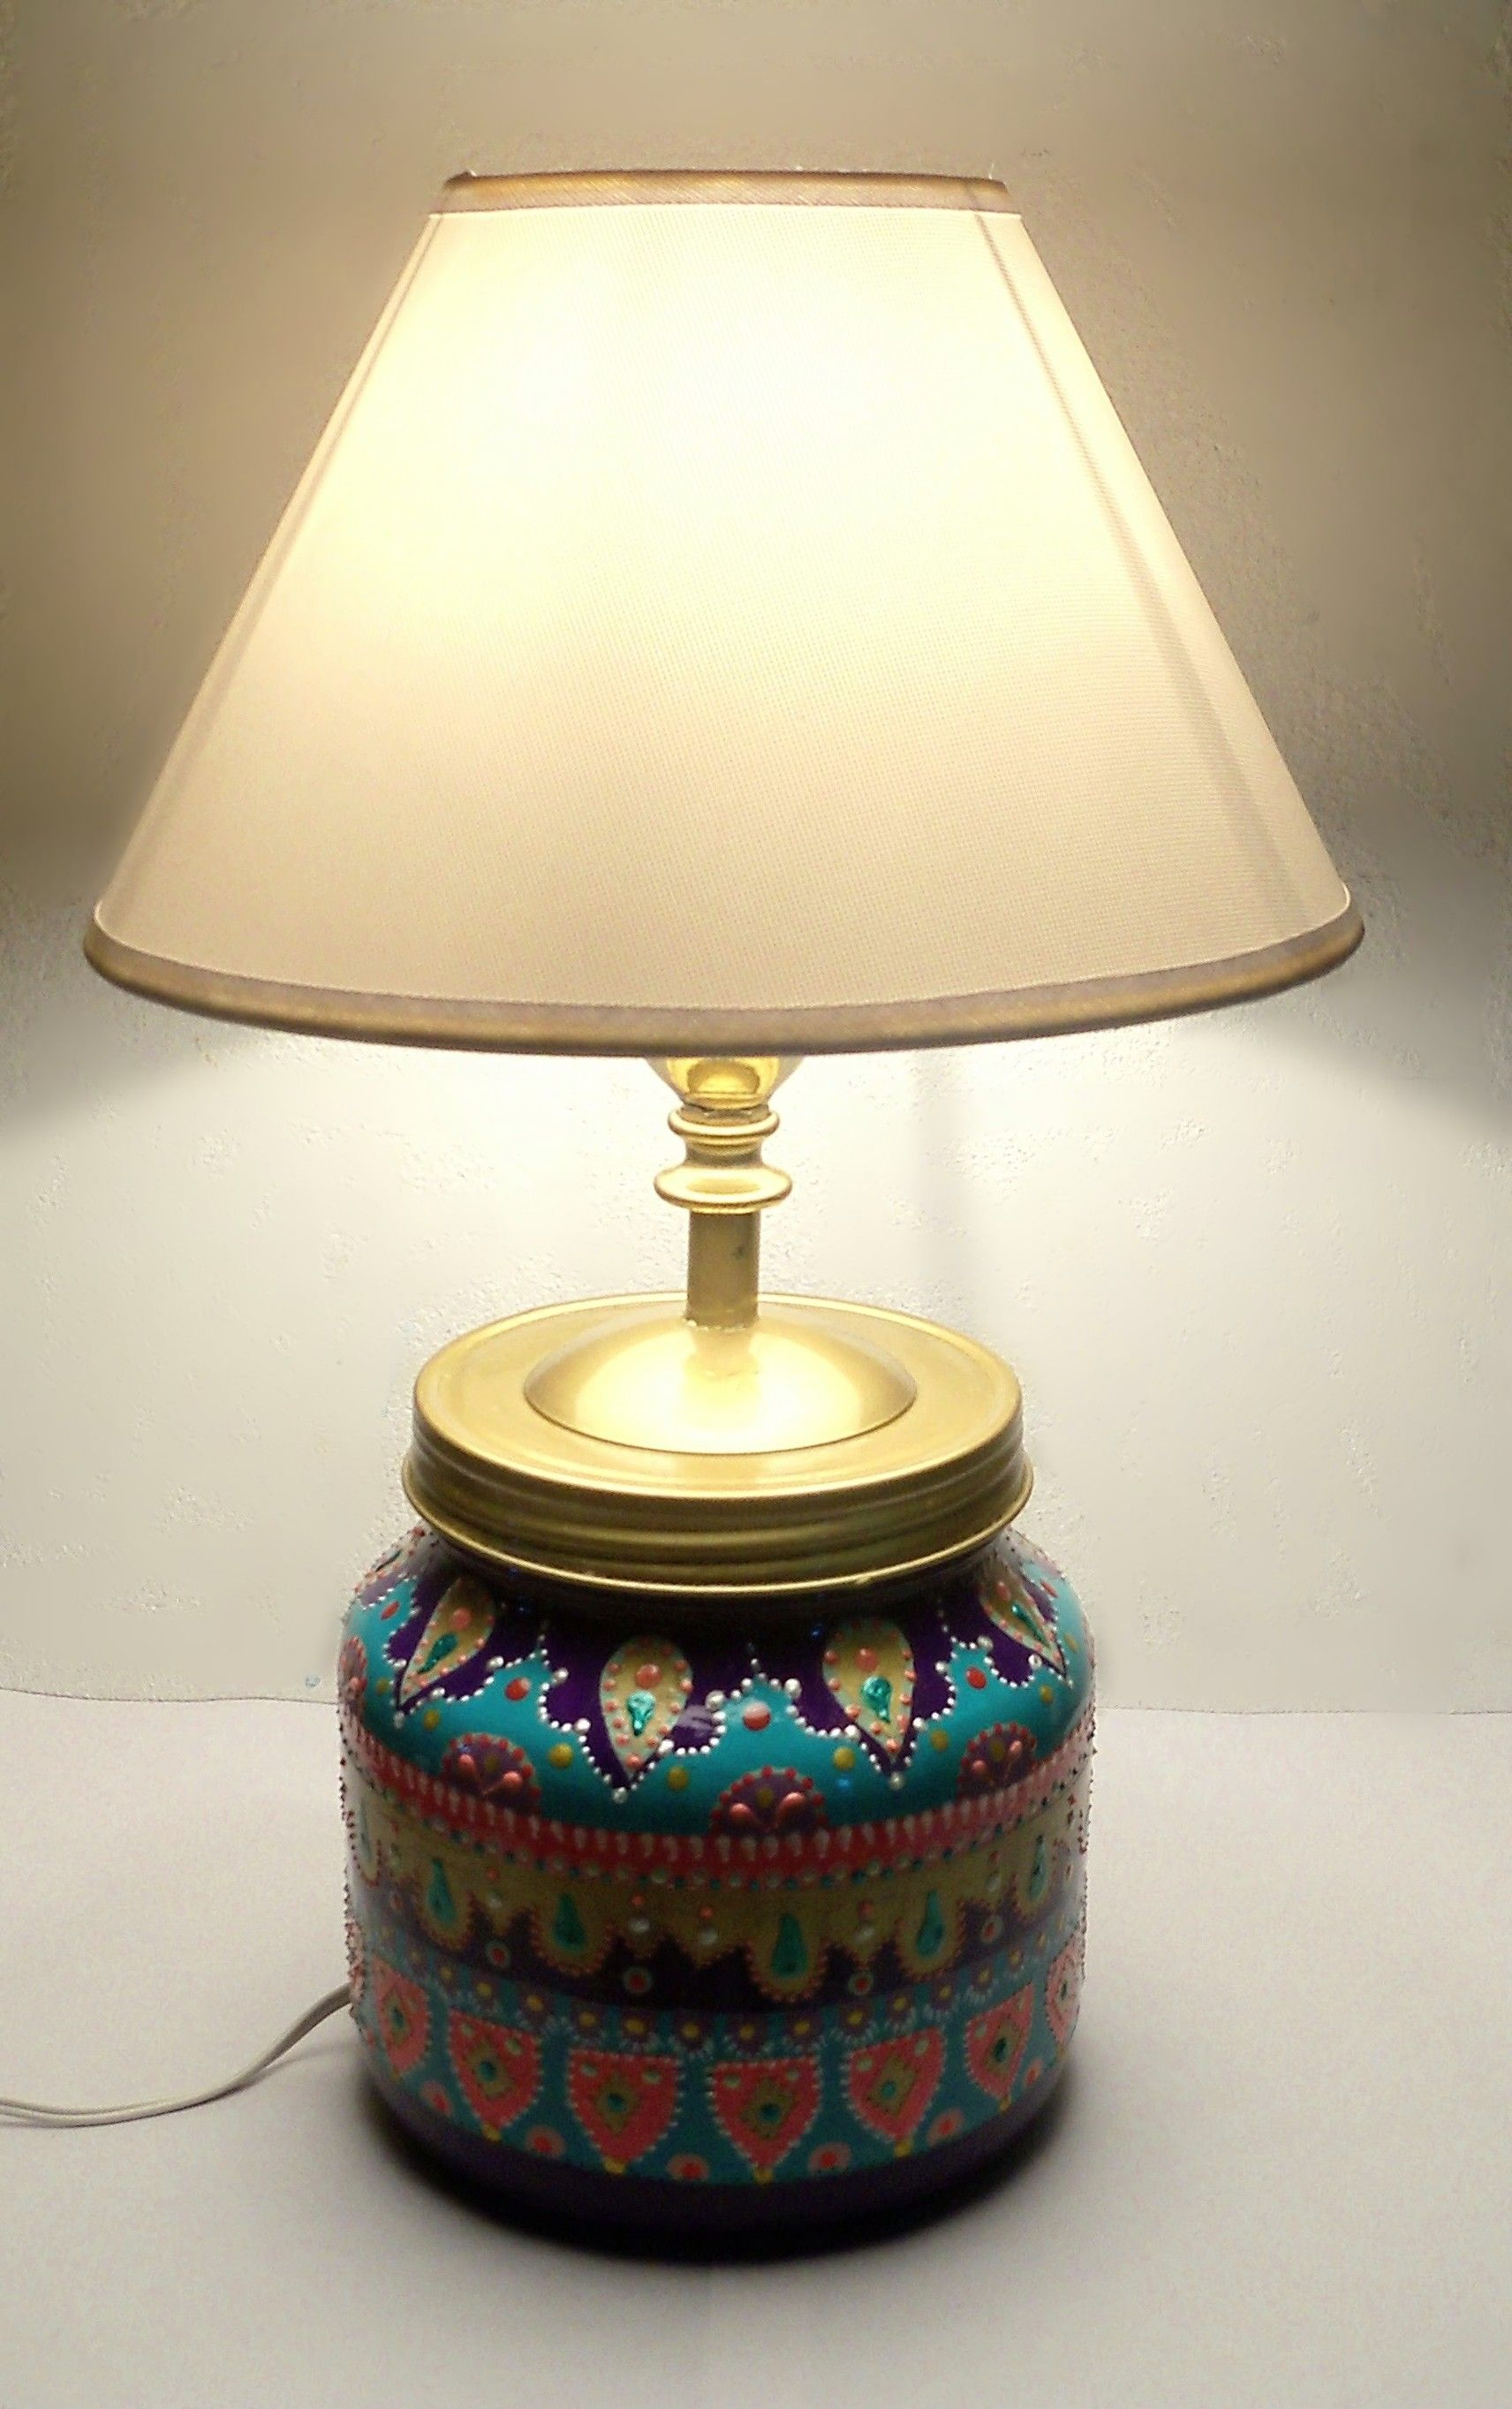 LAMPARA RECICLADA, $550 en https://ofelia.com.ar